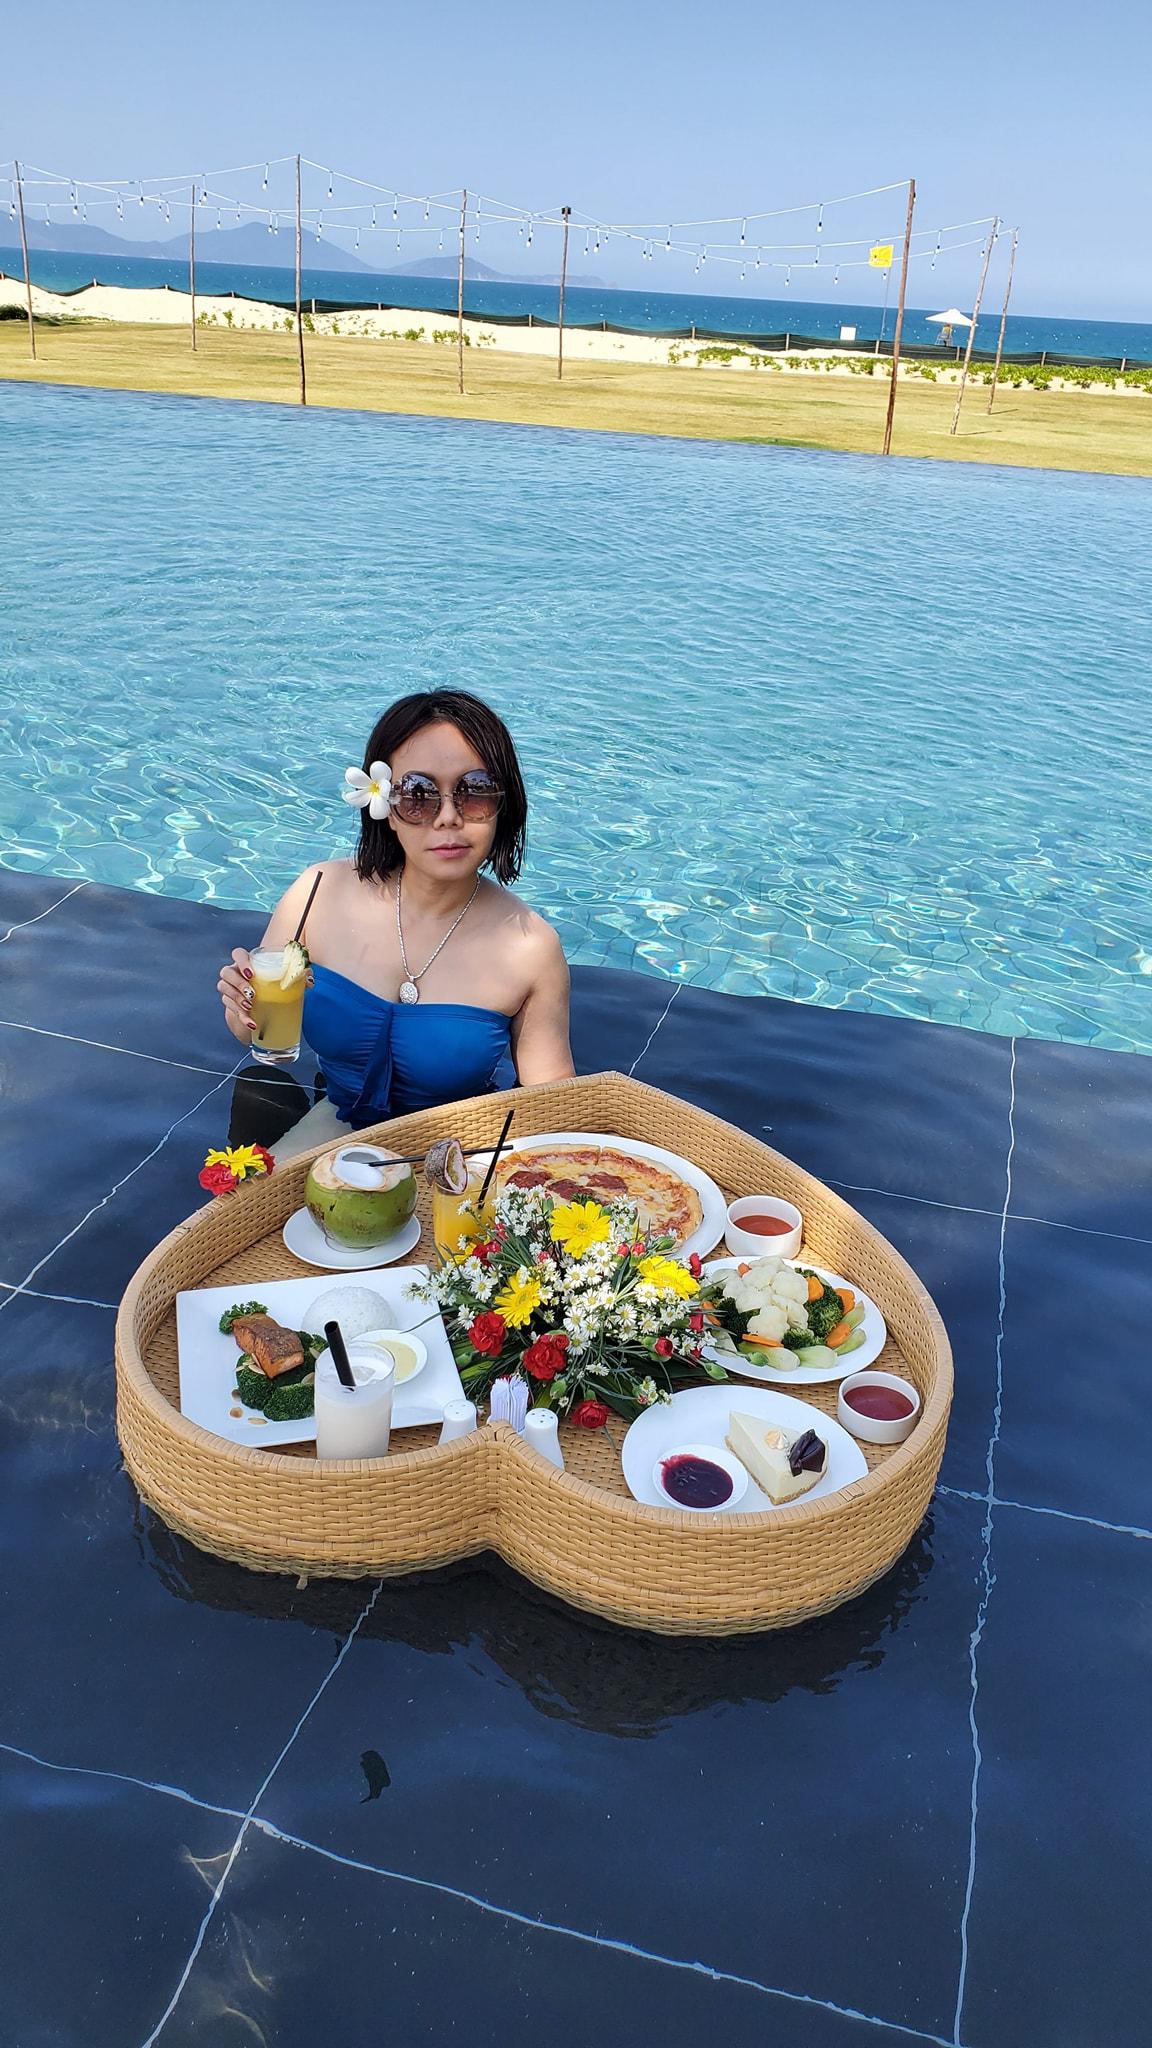 Hình ảnh mặc đồ bơi gợi cảm hiếm hoi của danh hài Việt Hương - Ảnh 2.